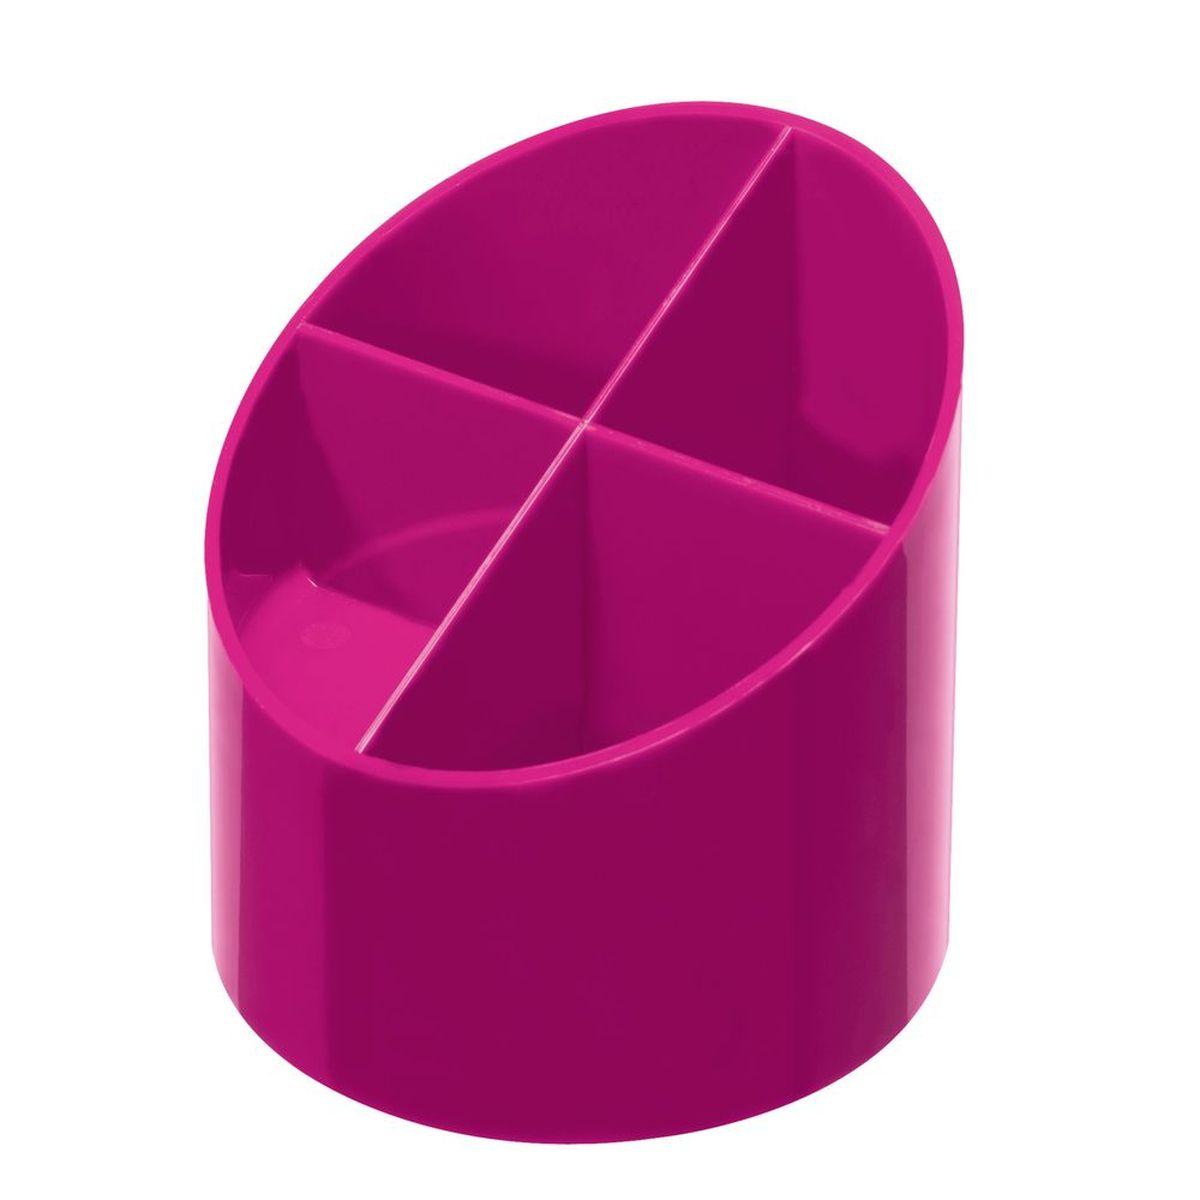 Herlitz Подставка канцелярских принадлежностей 4 секции цвет розовыйFS-00103Подставка для ручек округлой формы. Изготовлена из глянцевого пластика. Имеет 4 тделения для письменных принадлежностей и других офисных принадлежностей. Цвет розовый.